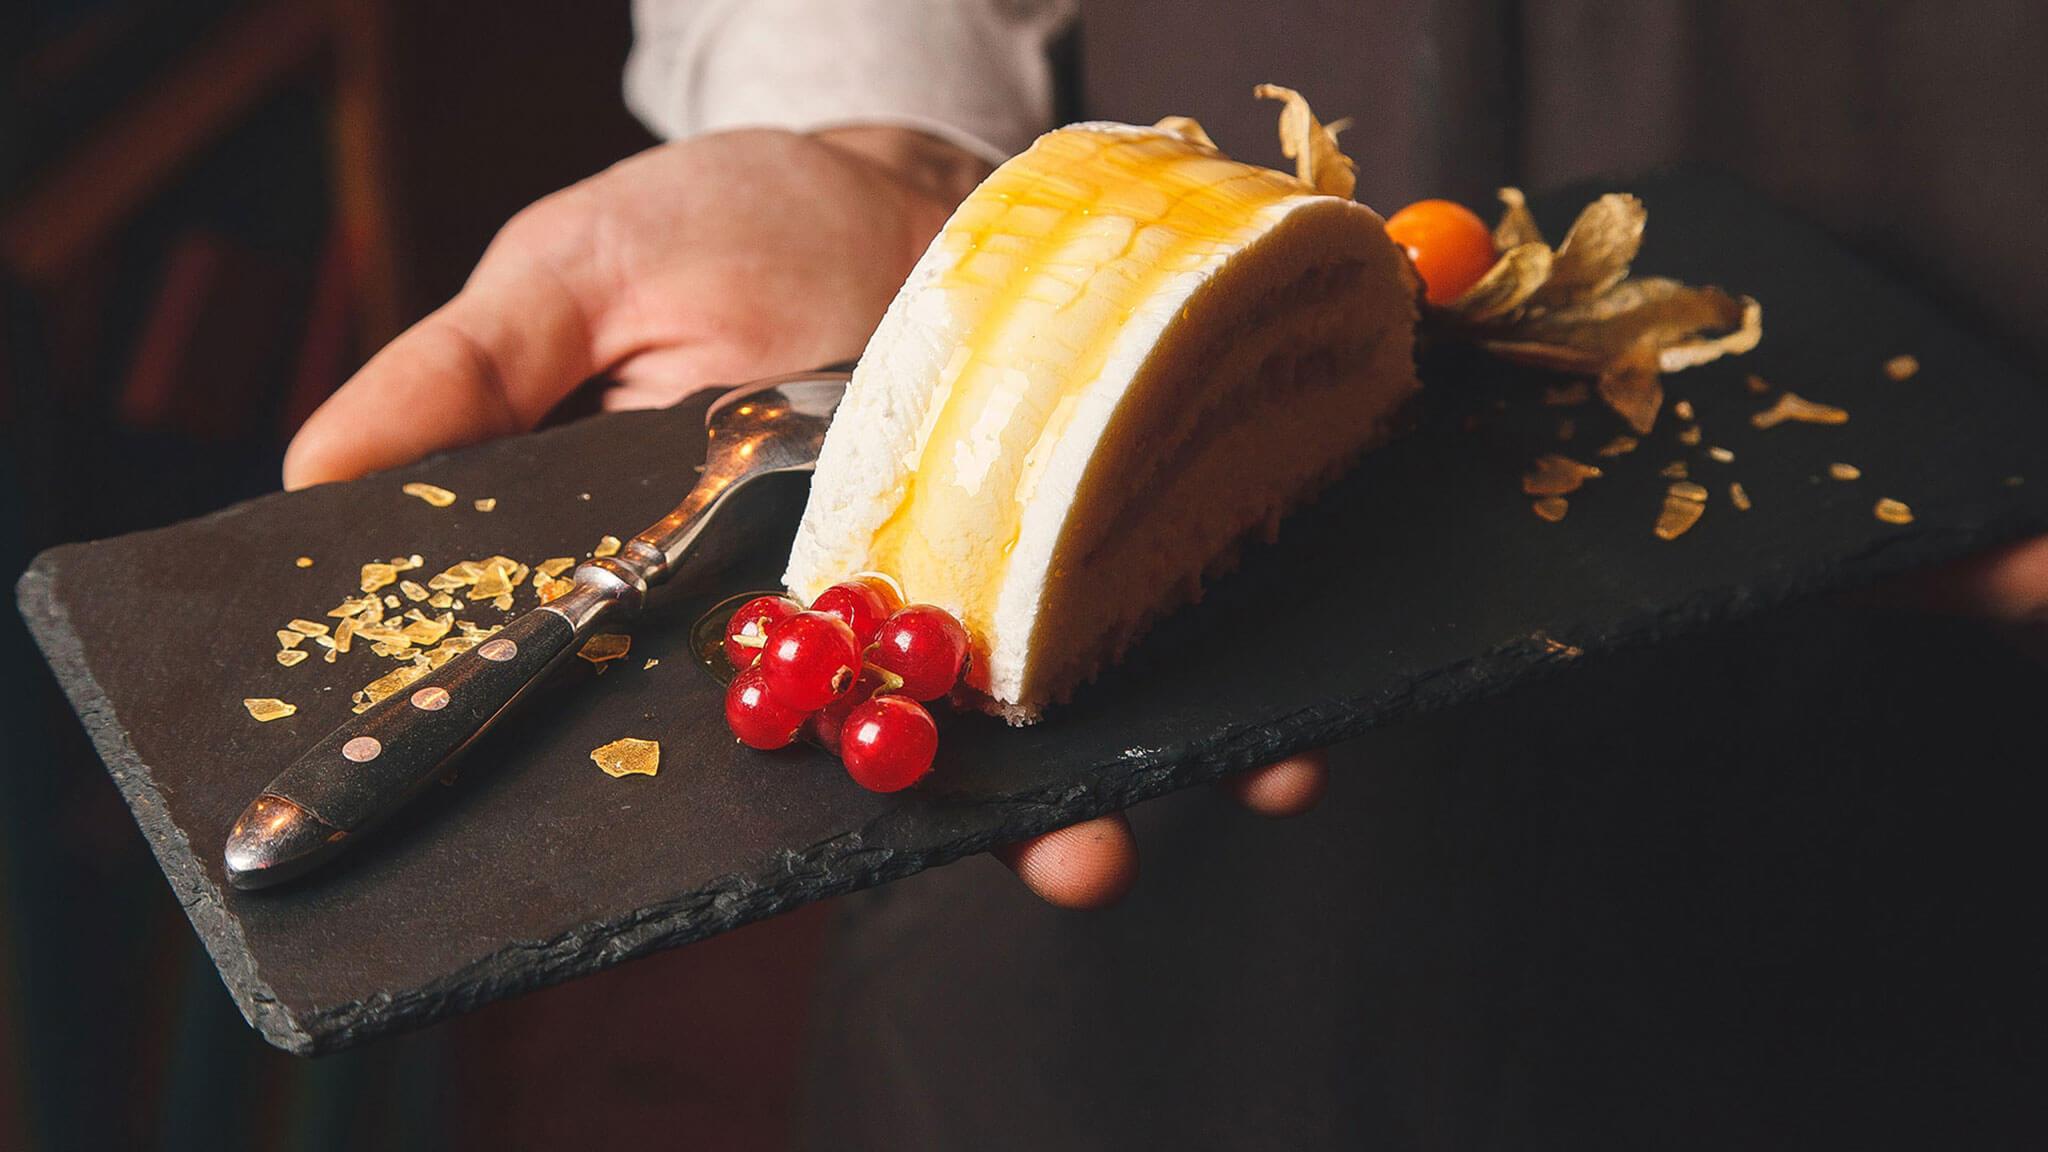 Посуда из сланца - новый тренд в сервировке столов